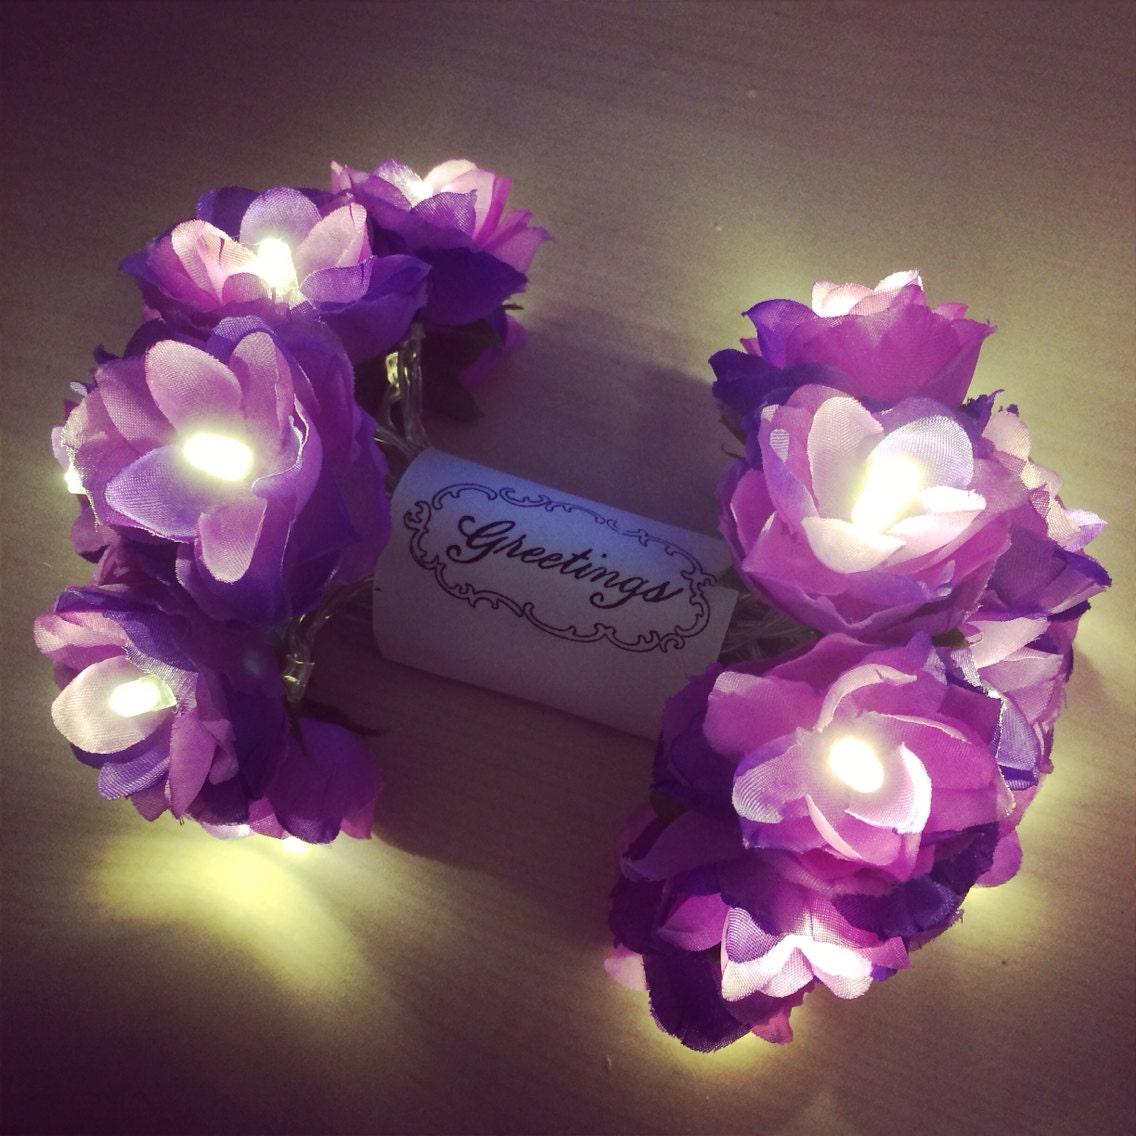 Wild Roses LED Fairy Lights in Lavender Purple string light